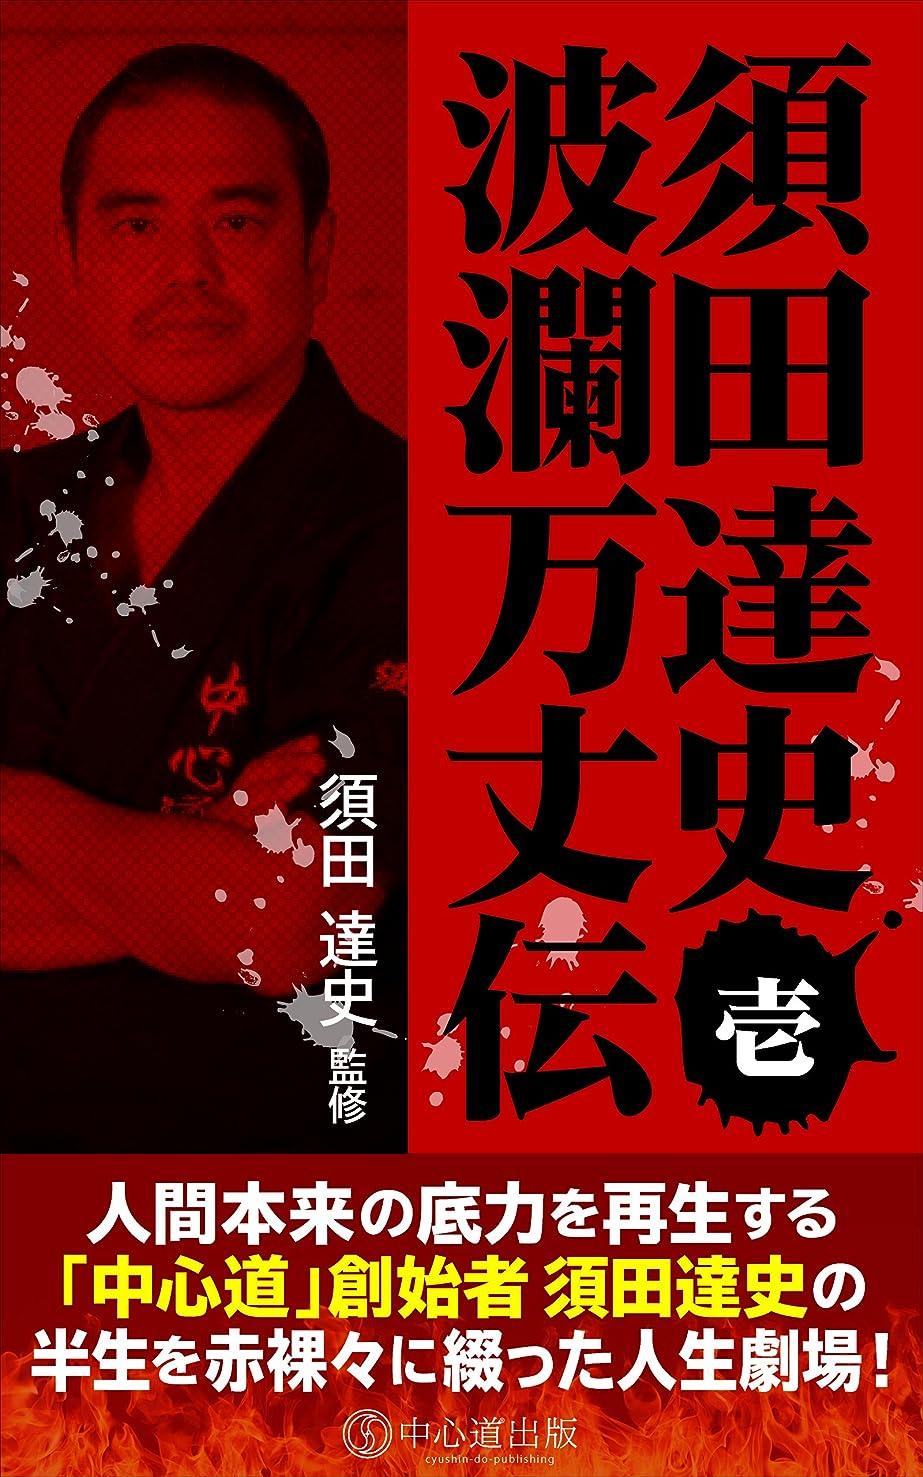 いつでもお明確に須田達史「波瀾万丈伝」第一巻